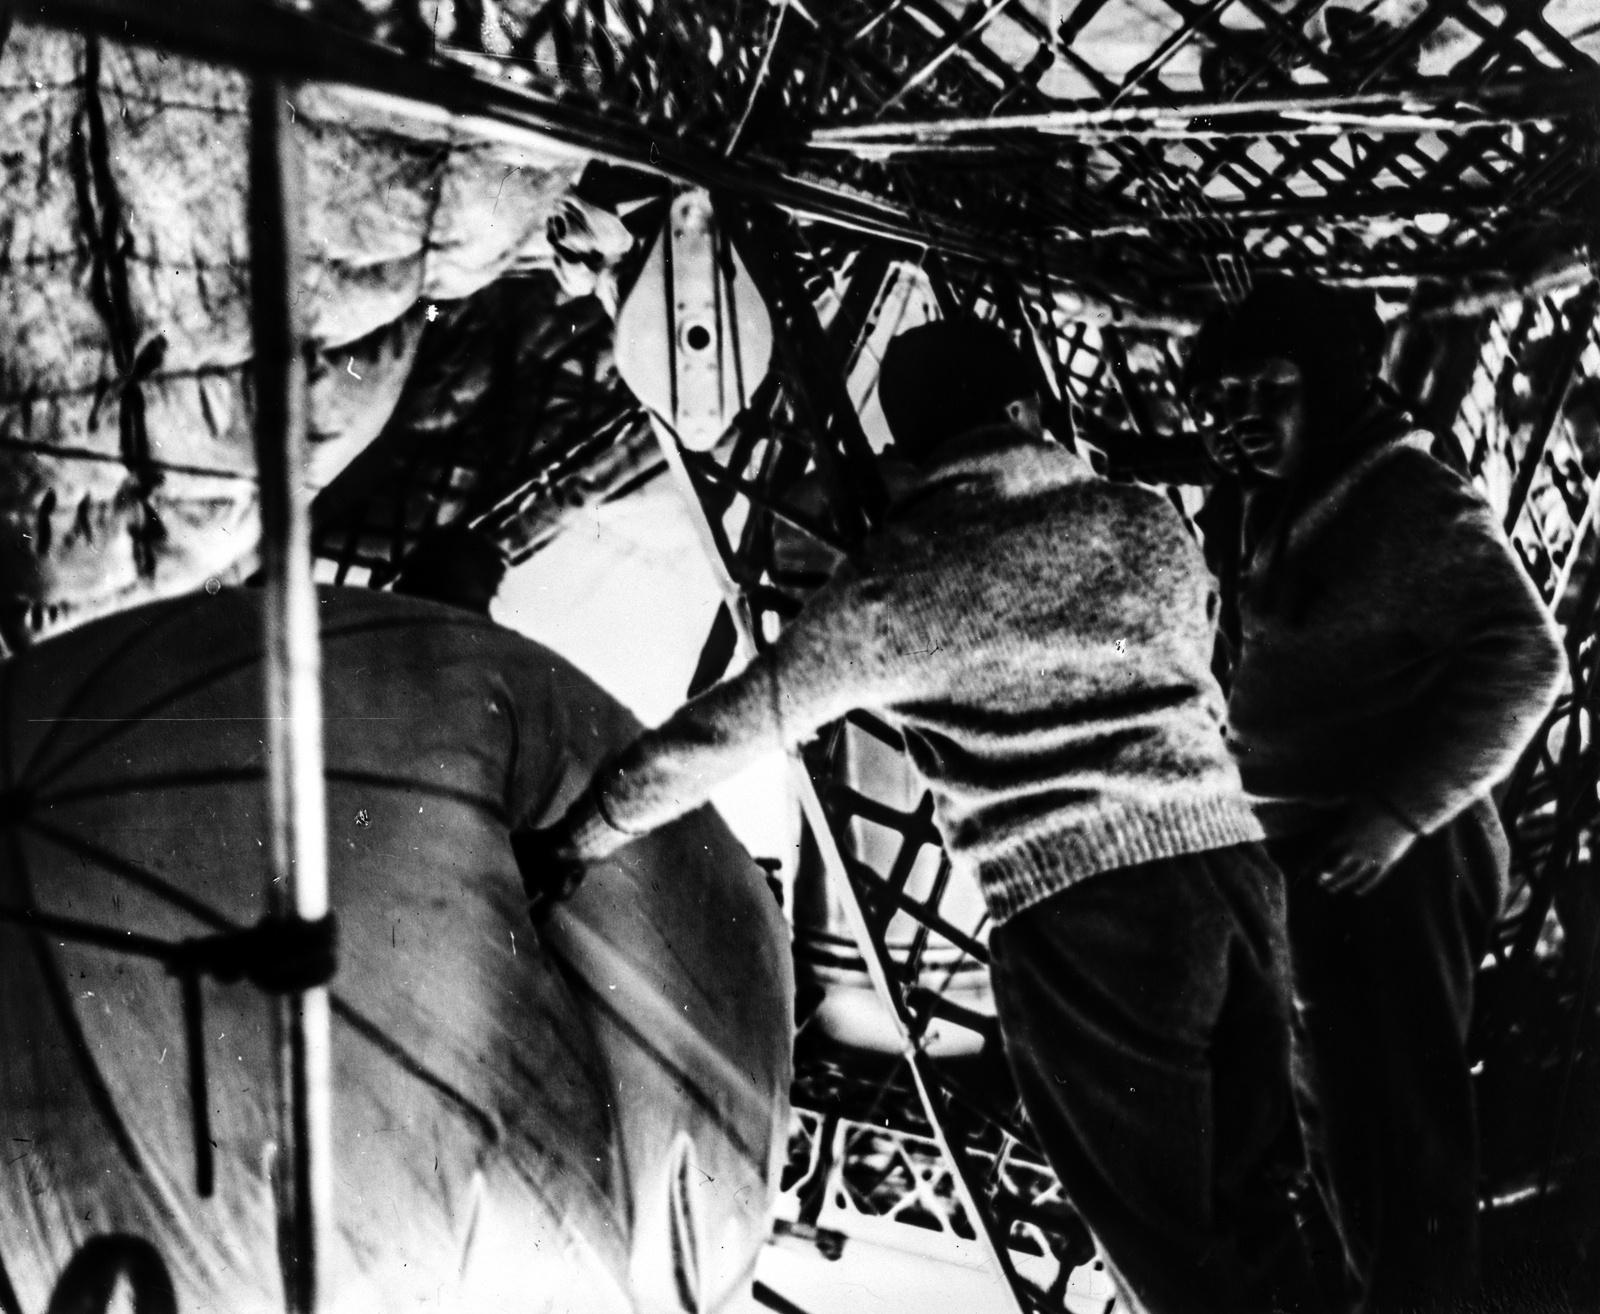 Июль 1931 года. Профессор Вейкман (Германия) и профессор Молчанов во время запуска воздушных шаров.